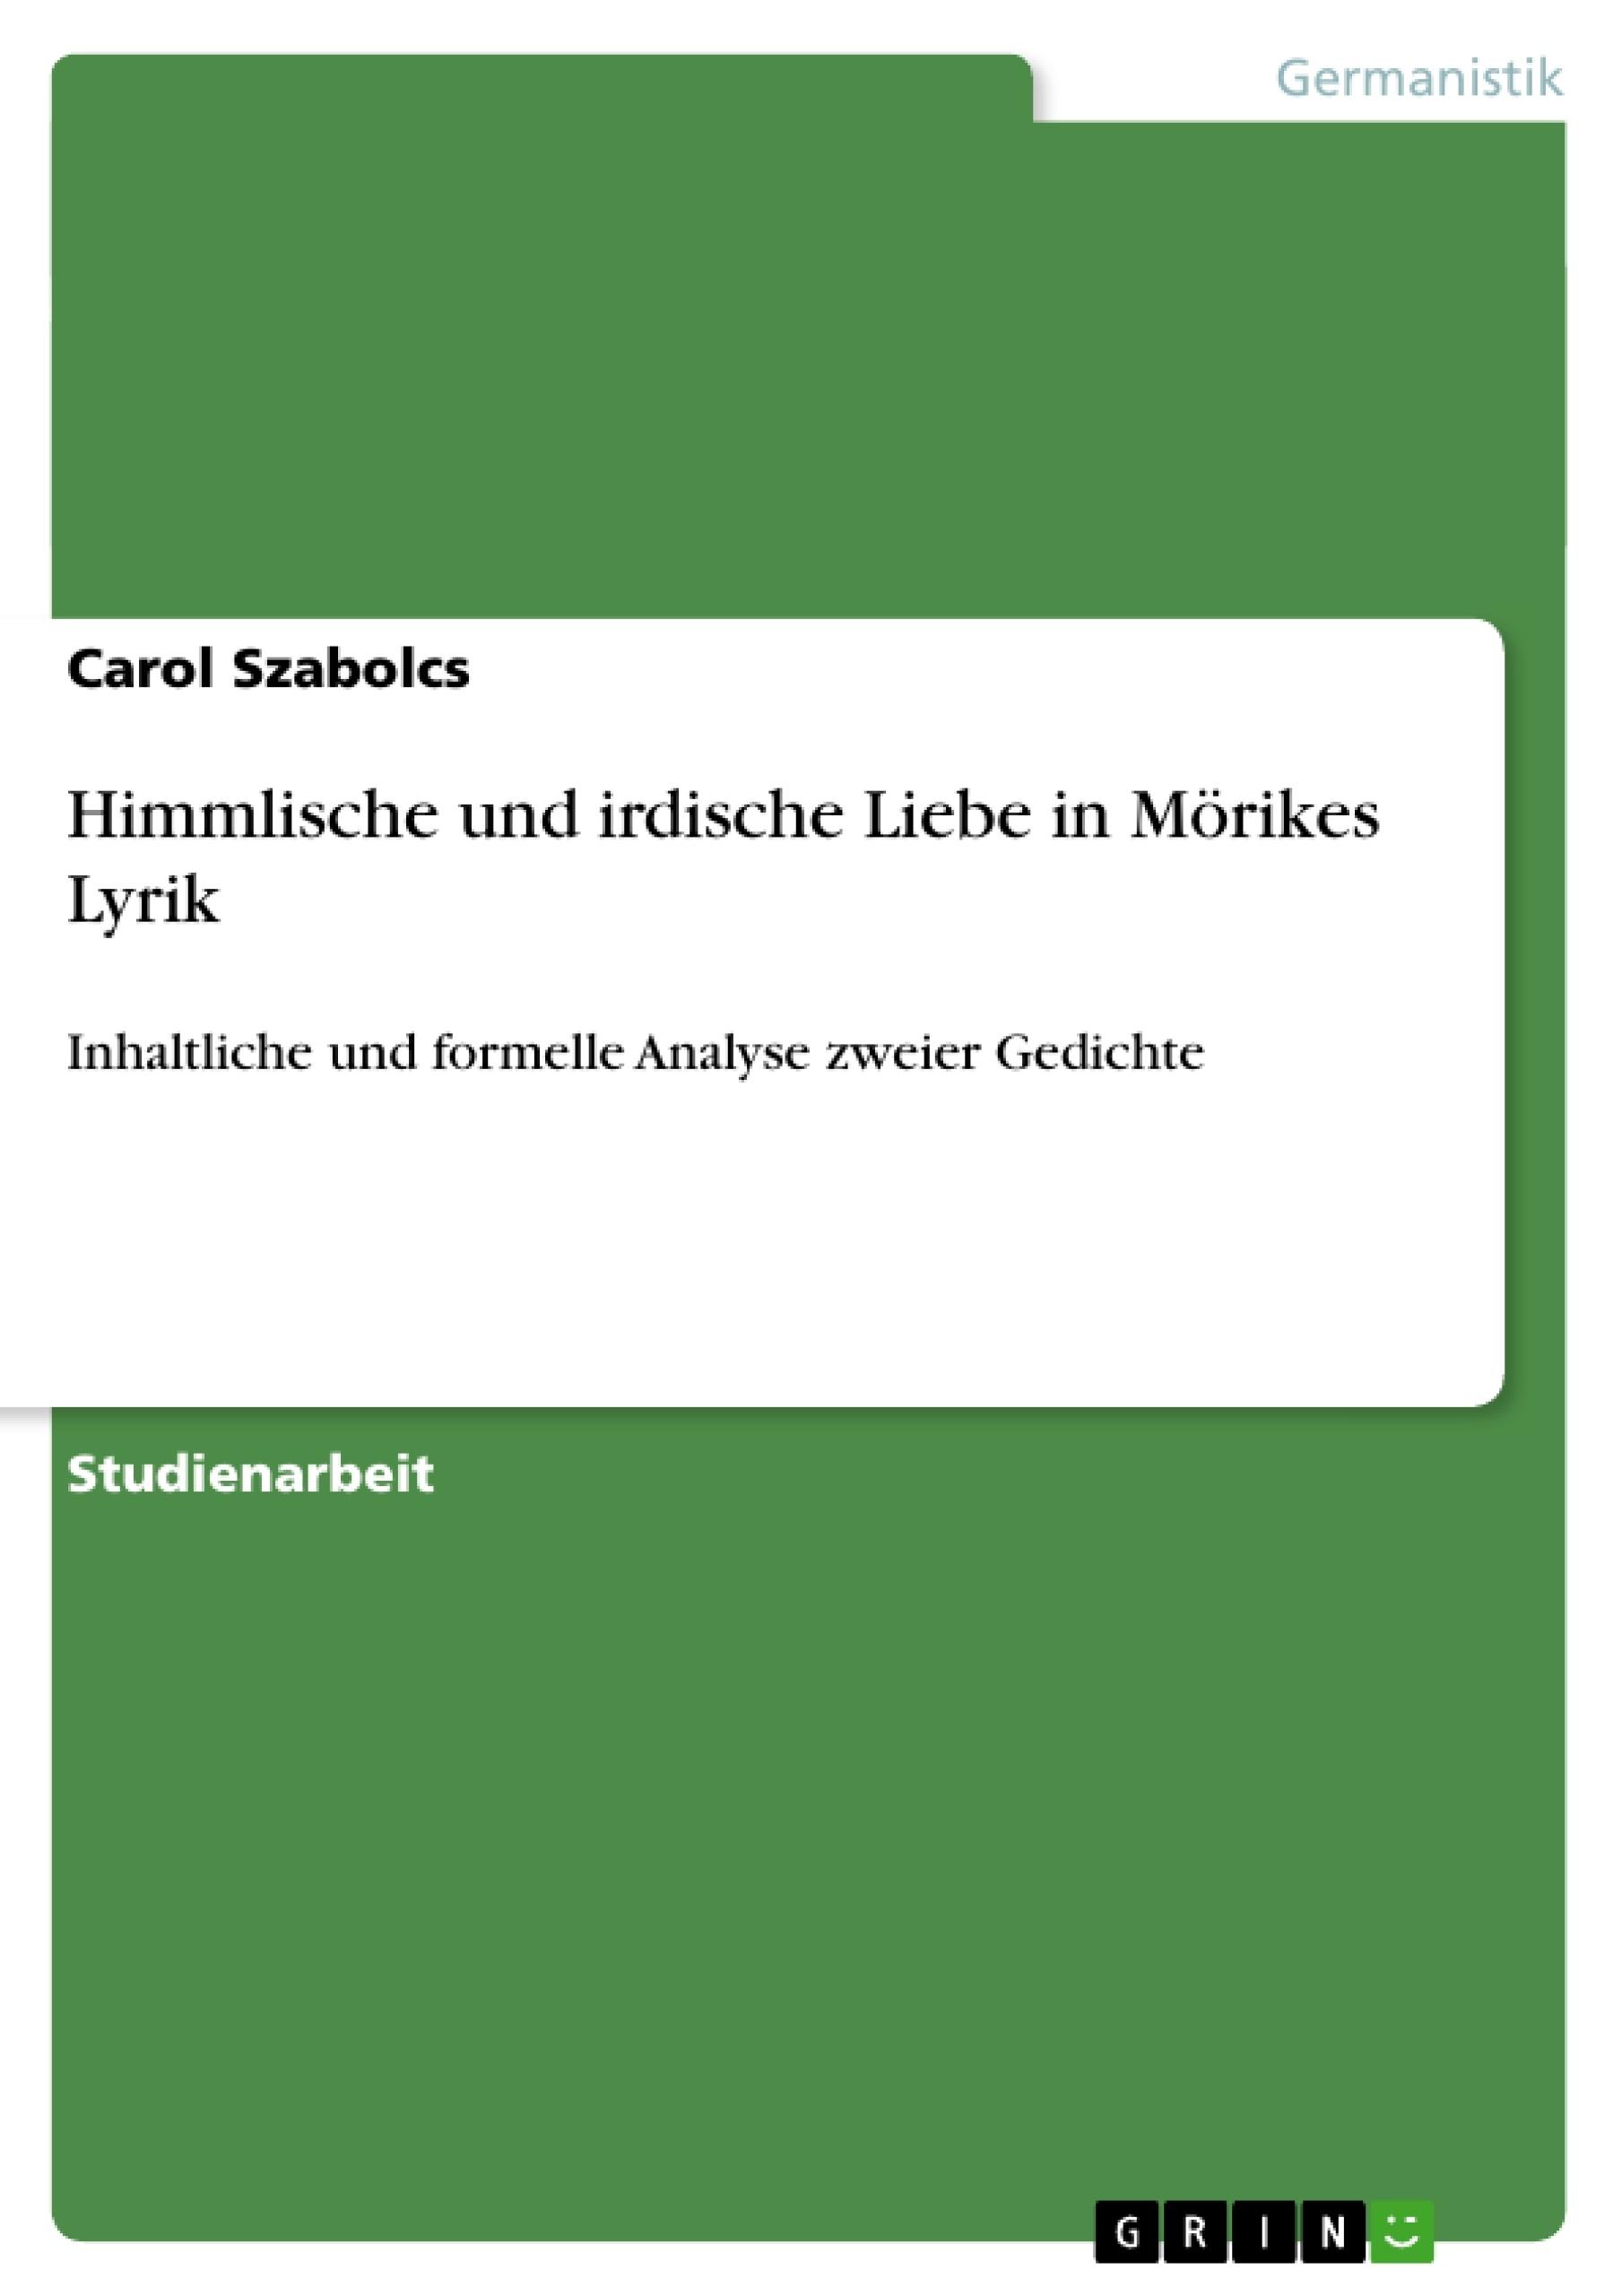 Titel: Himmlische und irdische Liebe in Mörikes Lyrik